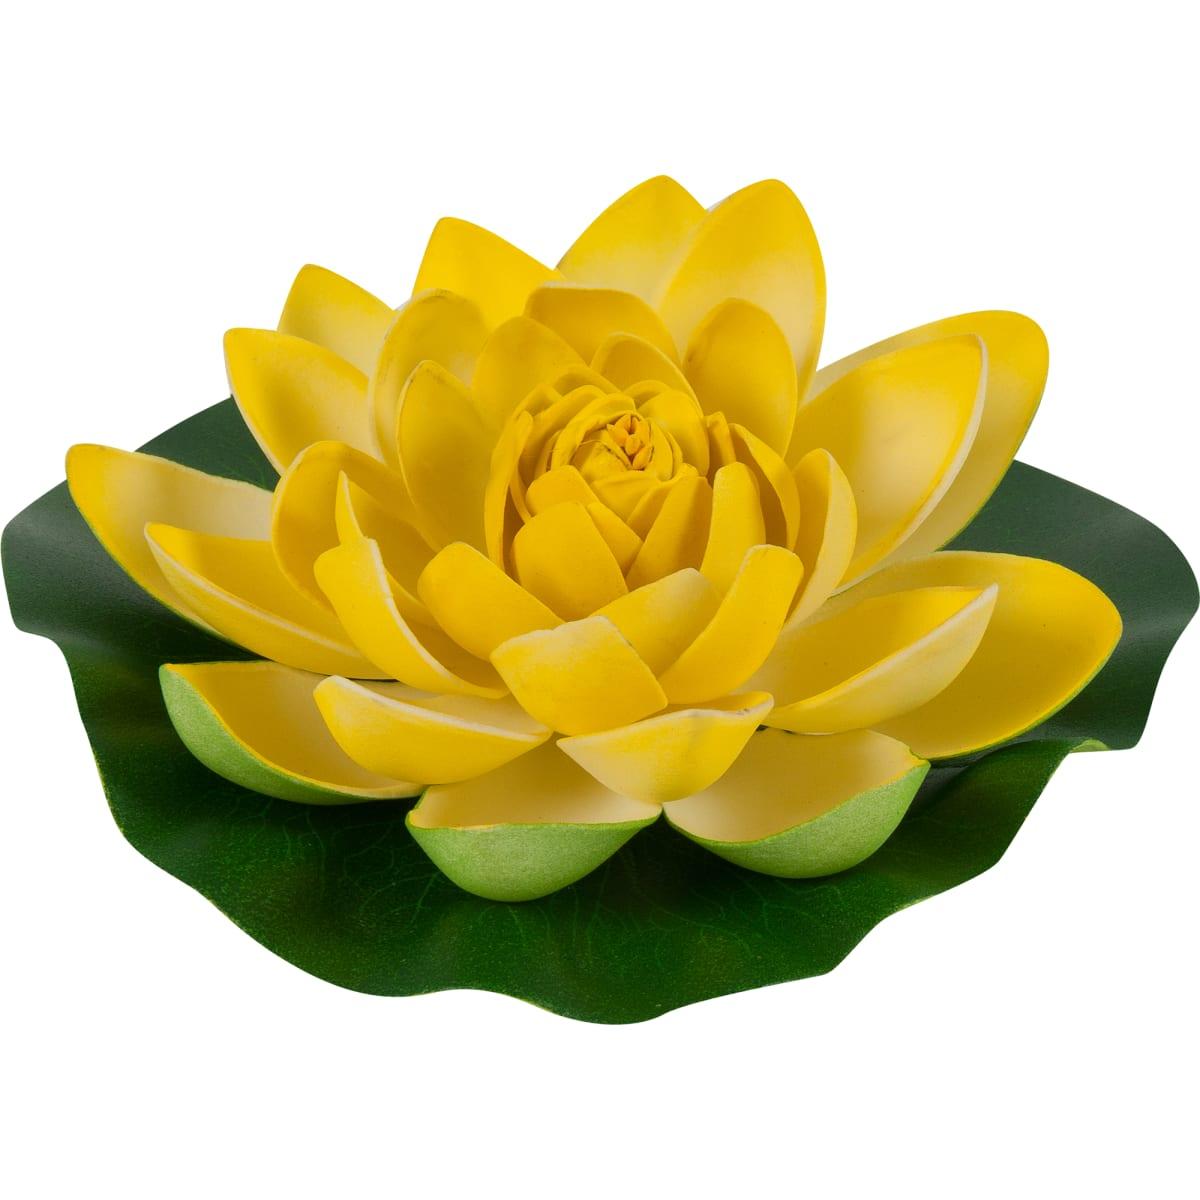 Украшение «Лилия» 180 мм, цвет белый/жёлтый/розовый